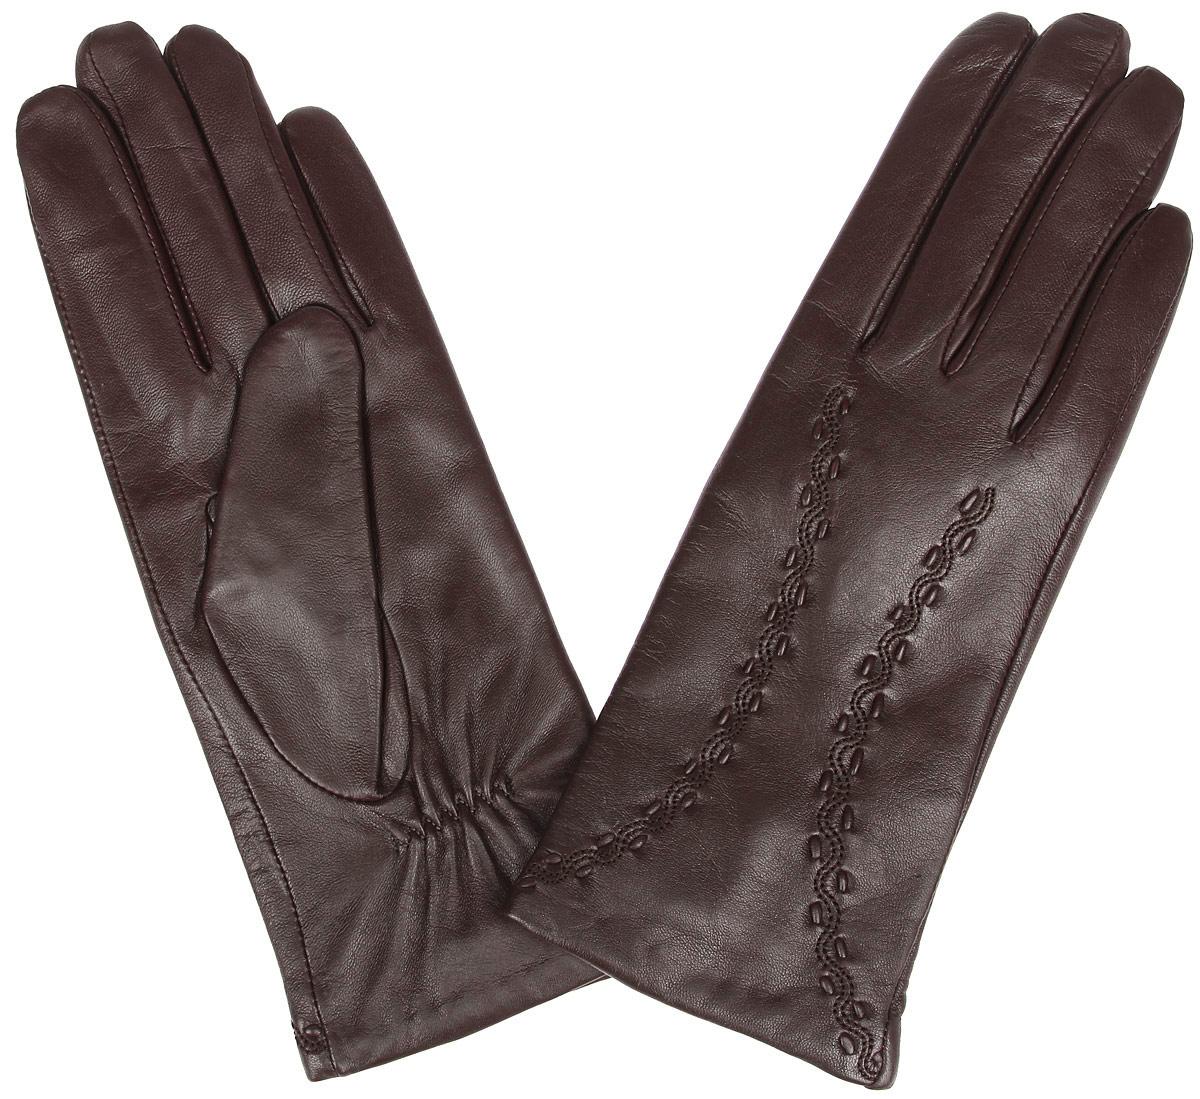 2.6-11s blueСтильные женские перчатки Fabretti не только защитят ваши руки от холода, но и станут великолепным украшением. Перчатки выполнены из эфиопский кожи ягненка с подкладкой из шерсти и кашемира. Модель декорирована оригинальной прострочкой. В настоящее время перчатки являются неотъемлемой частью гардероба, вместе с этим аксессуаром вы обретаете женственность и элегантность. Перчатки станут завершающим и подчеркивающим элементом вашего стиля и неповторимости.